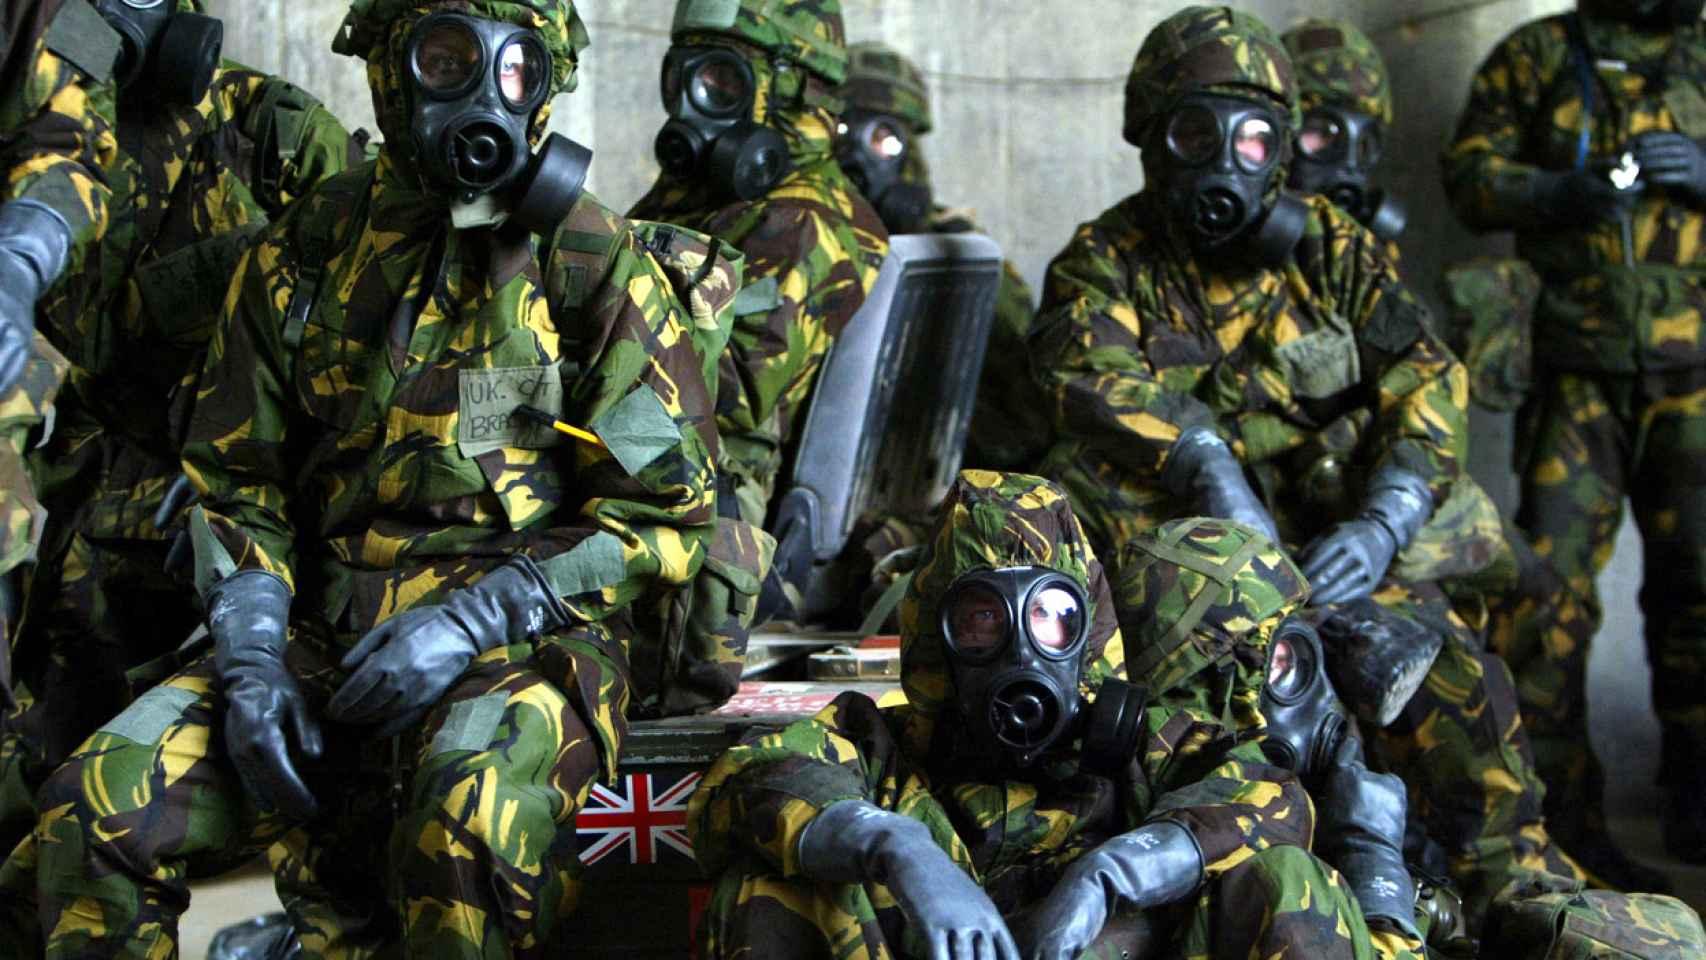 Miembros del Ejército británico con máscaras en 2003.